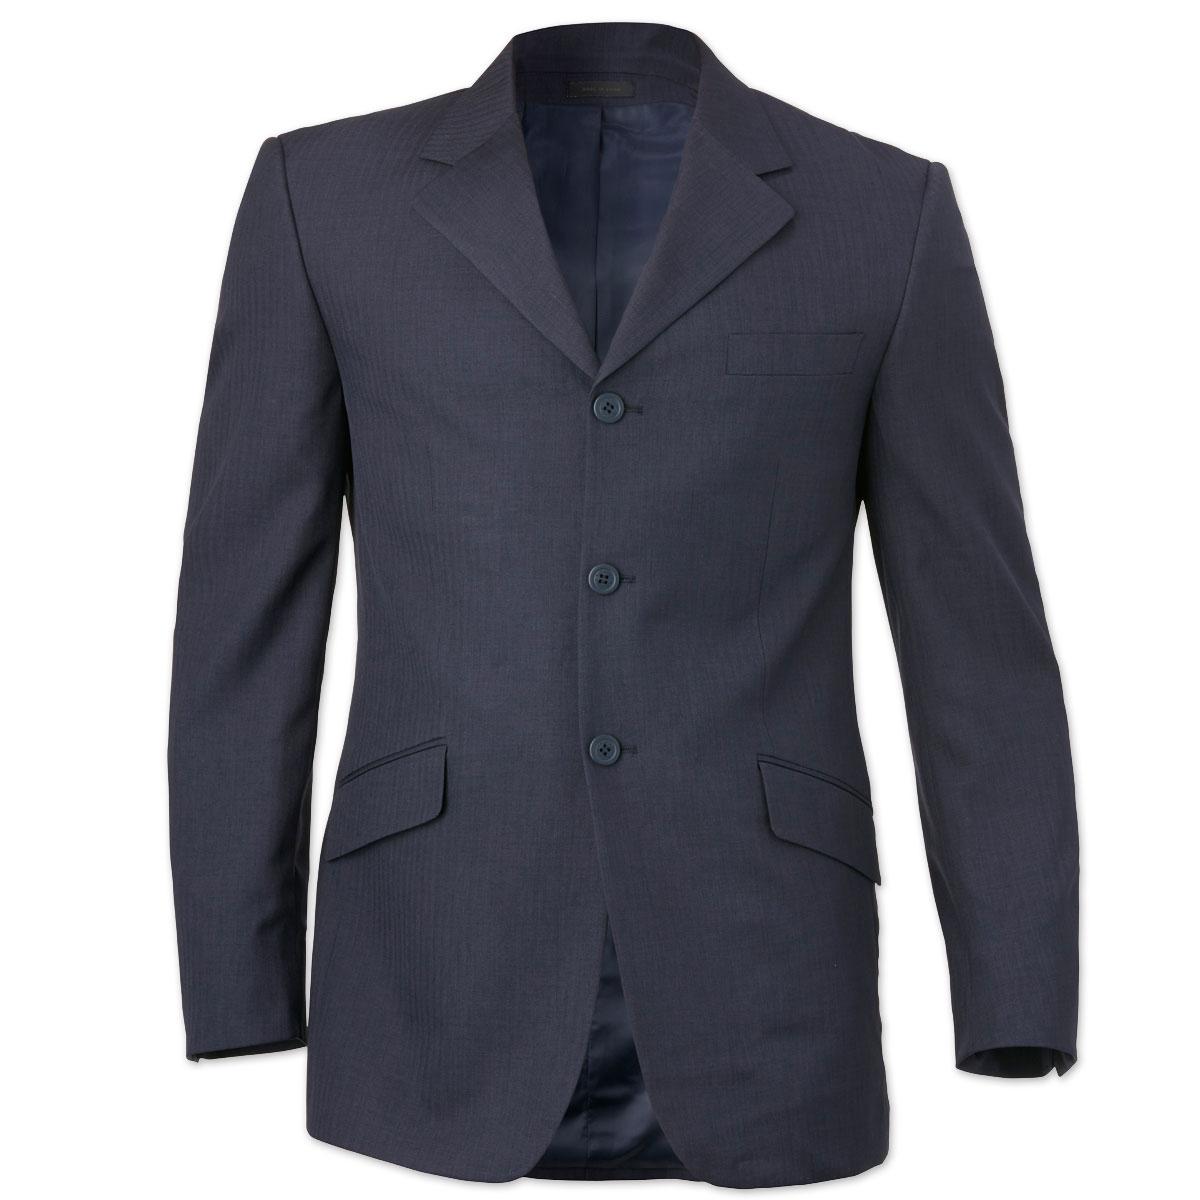 RJ Classics Men's National Blue Label Show Coat